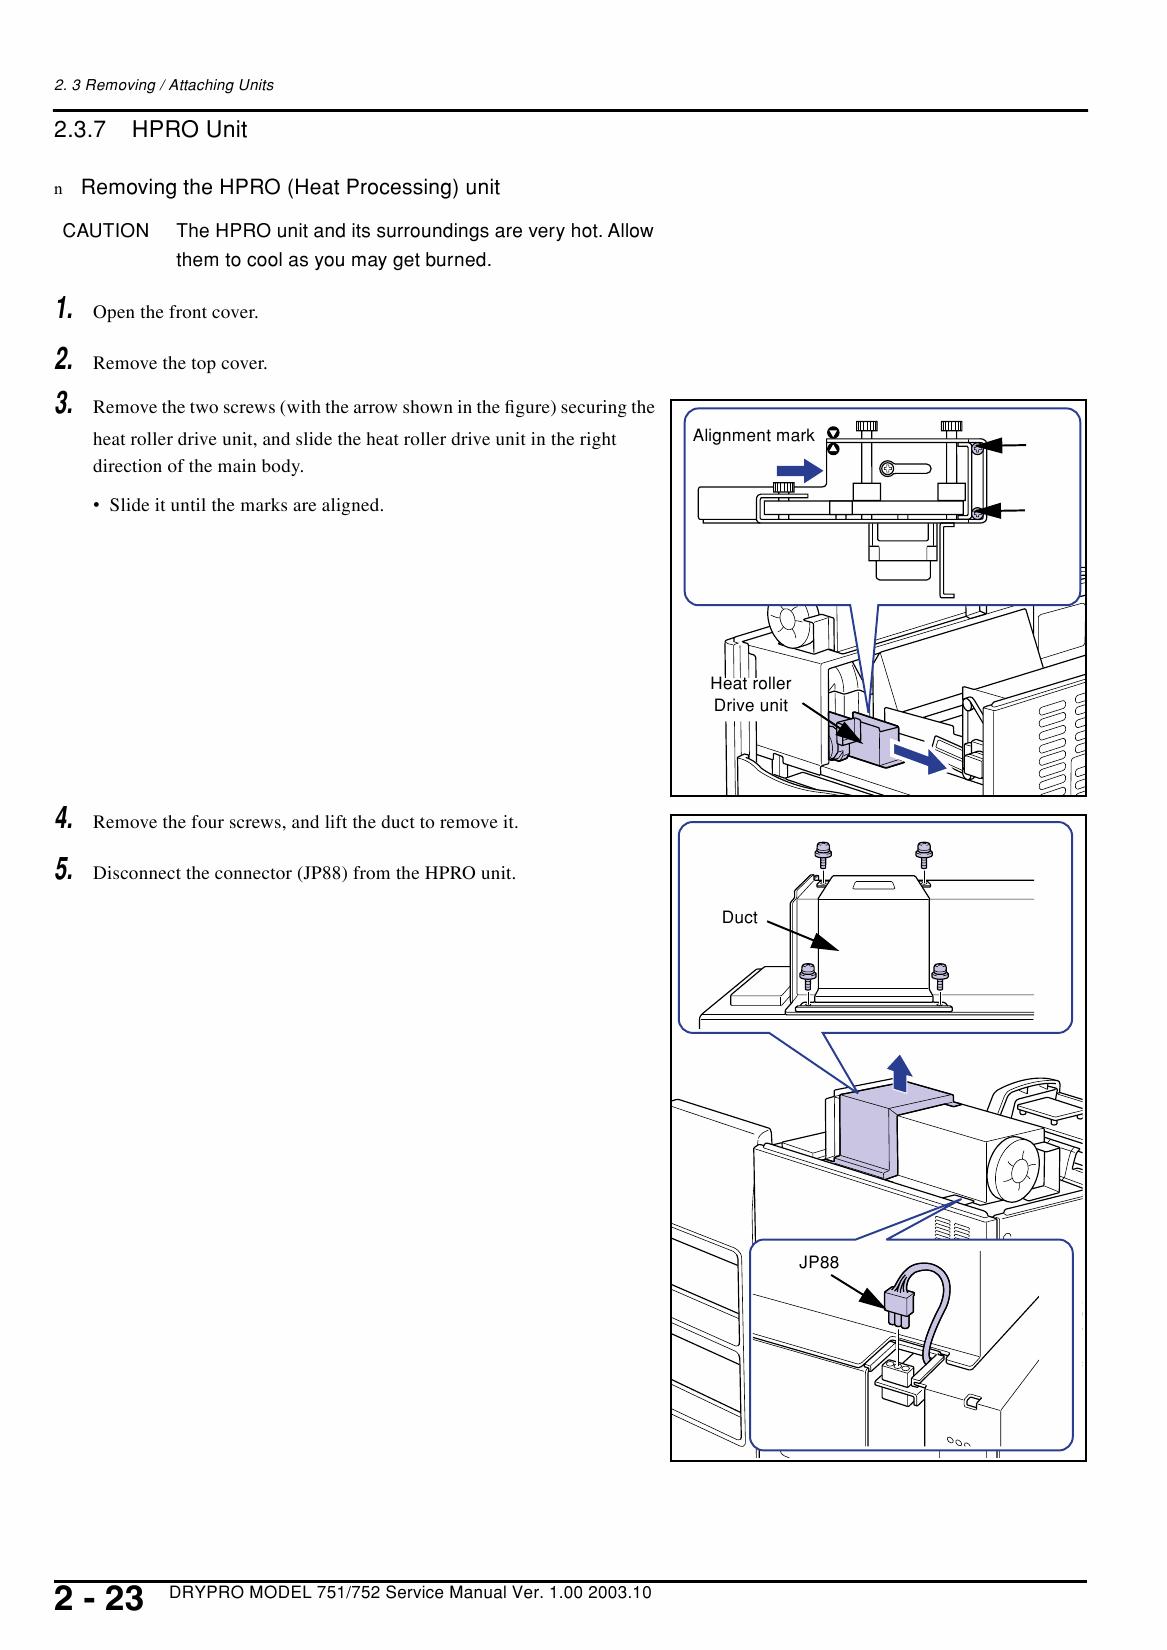 Konica-Minolta MINOLTA DRYPRO 751 752 Service Manual